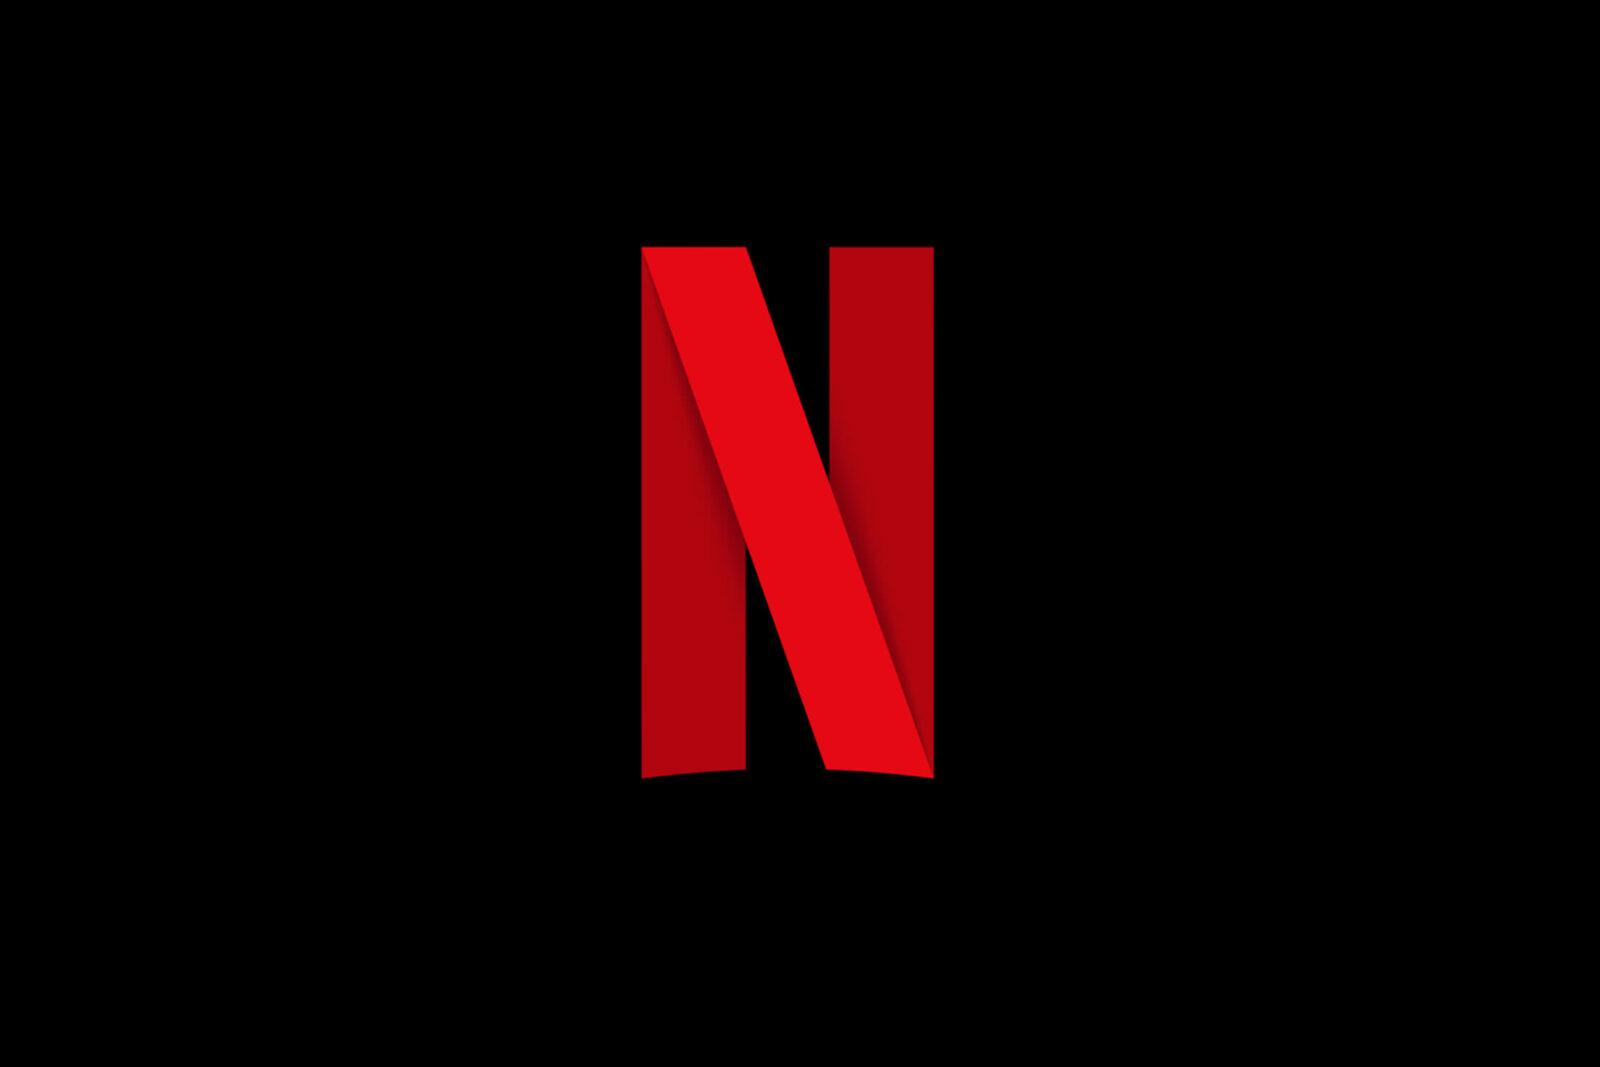 Август 2021 года на Netflix. Новости сериалов и кино. Что посмотреть